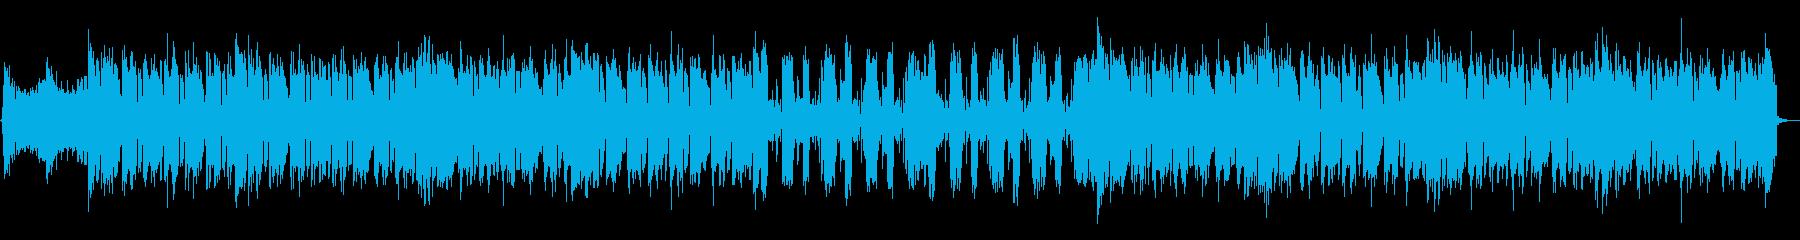 eSports サイバー ロックバンド版の再生済みの波形